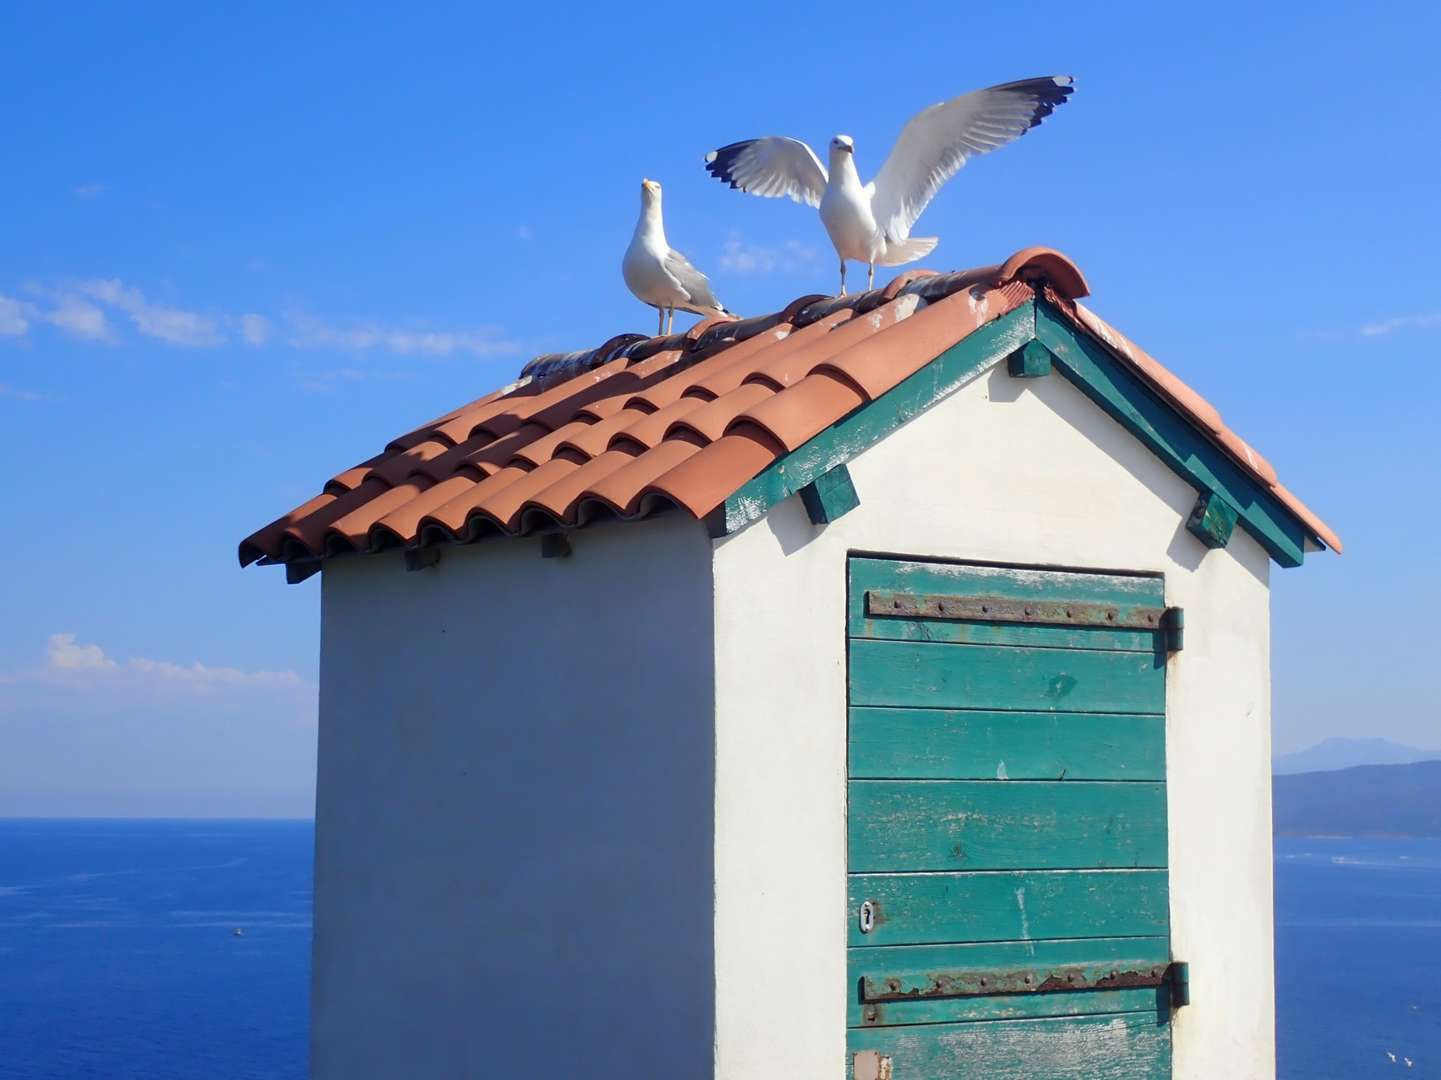 Corsica 2021, la beauté, essentielle, de la nature - Chapitre 18 : les îles Sanguinaires, Capo di Feno